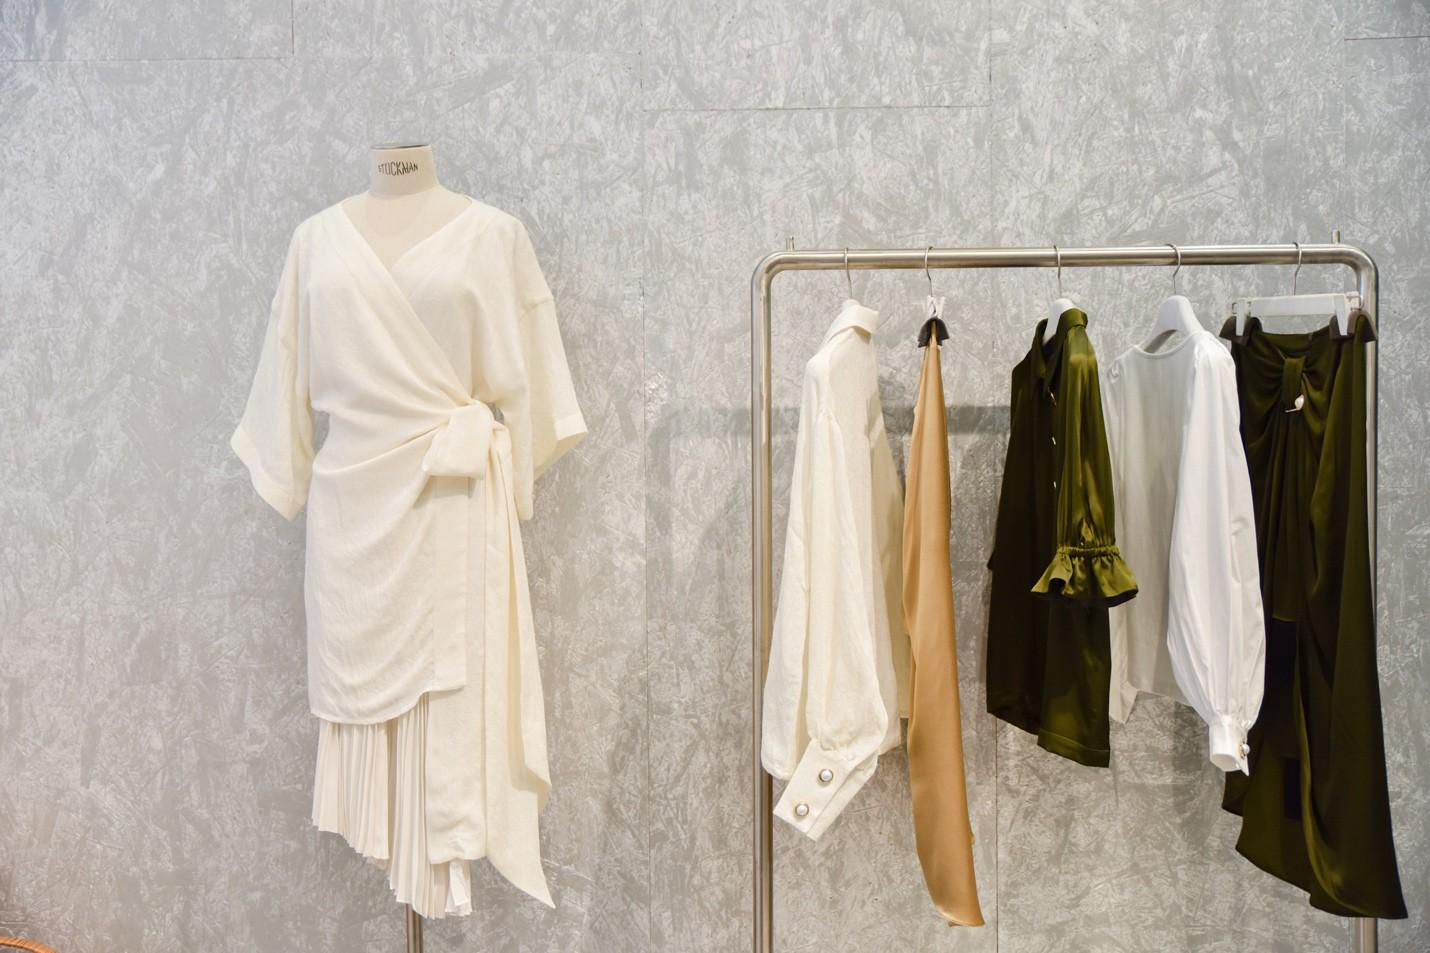 Một chiếc áo phông cotton tốn 2.700 lít nước – Đã đến lúc các cô gái hướng đến thời trang bền vững - Ảnh 5.